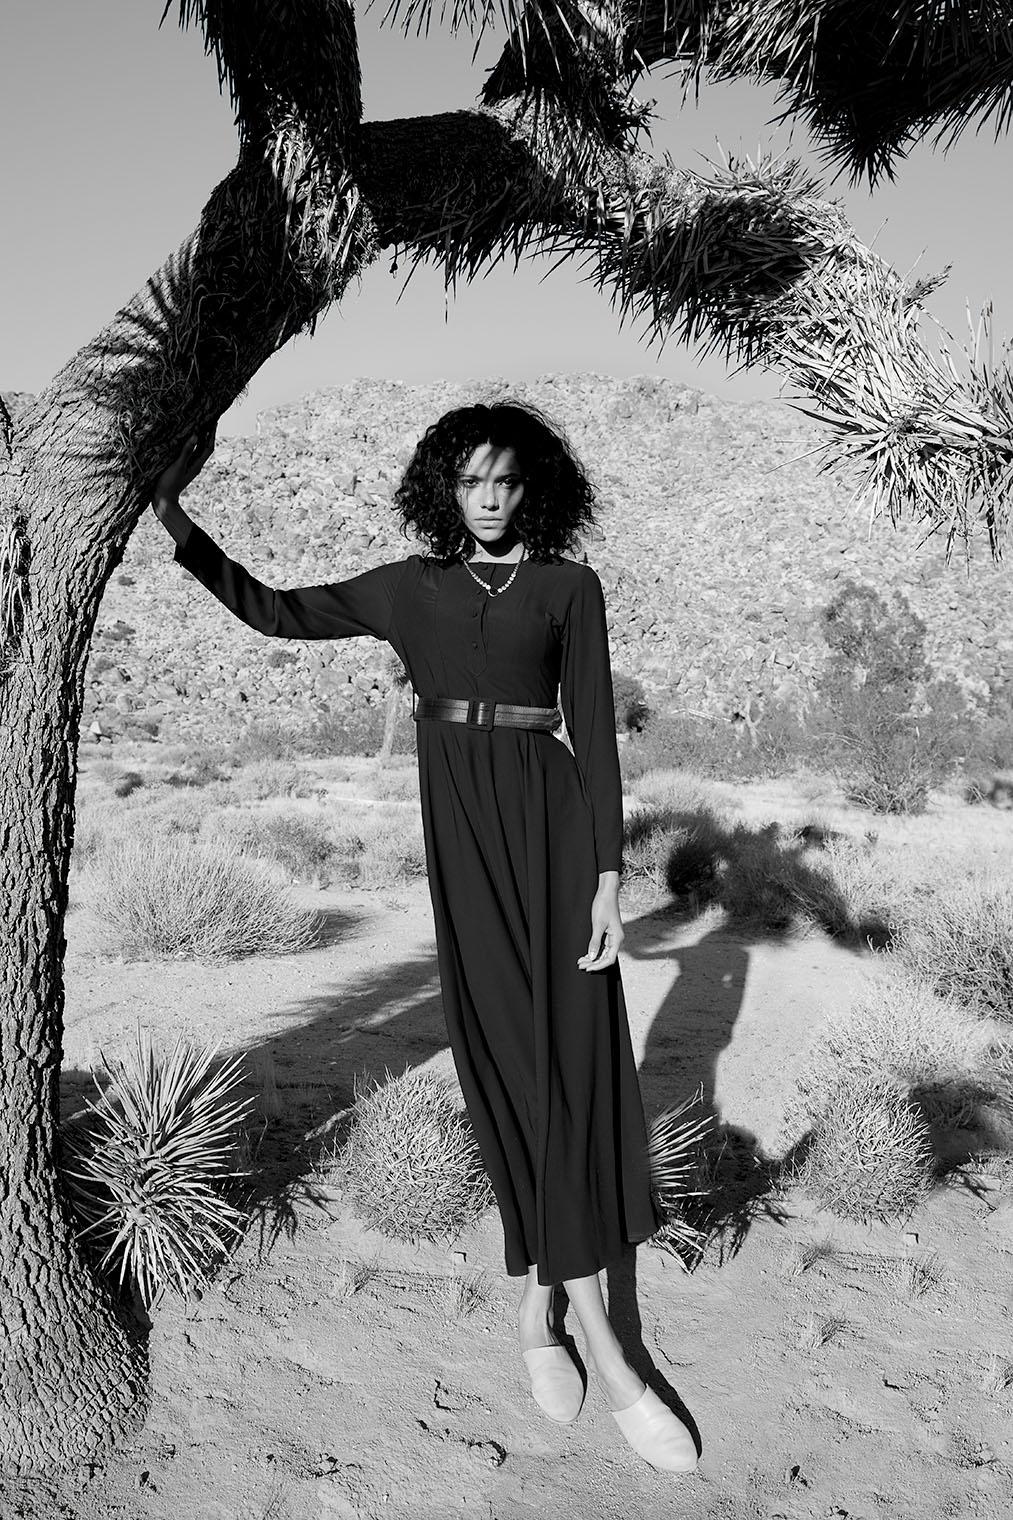 woman in black dress under joshua tree in the desert